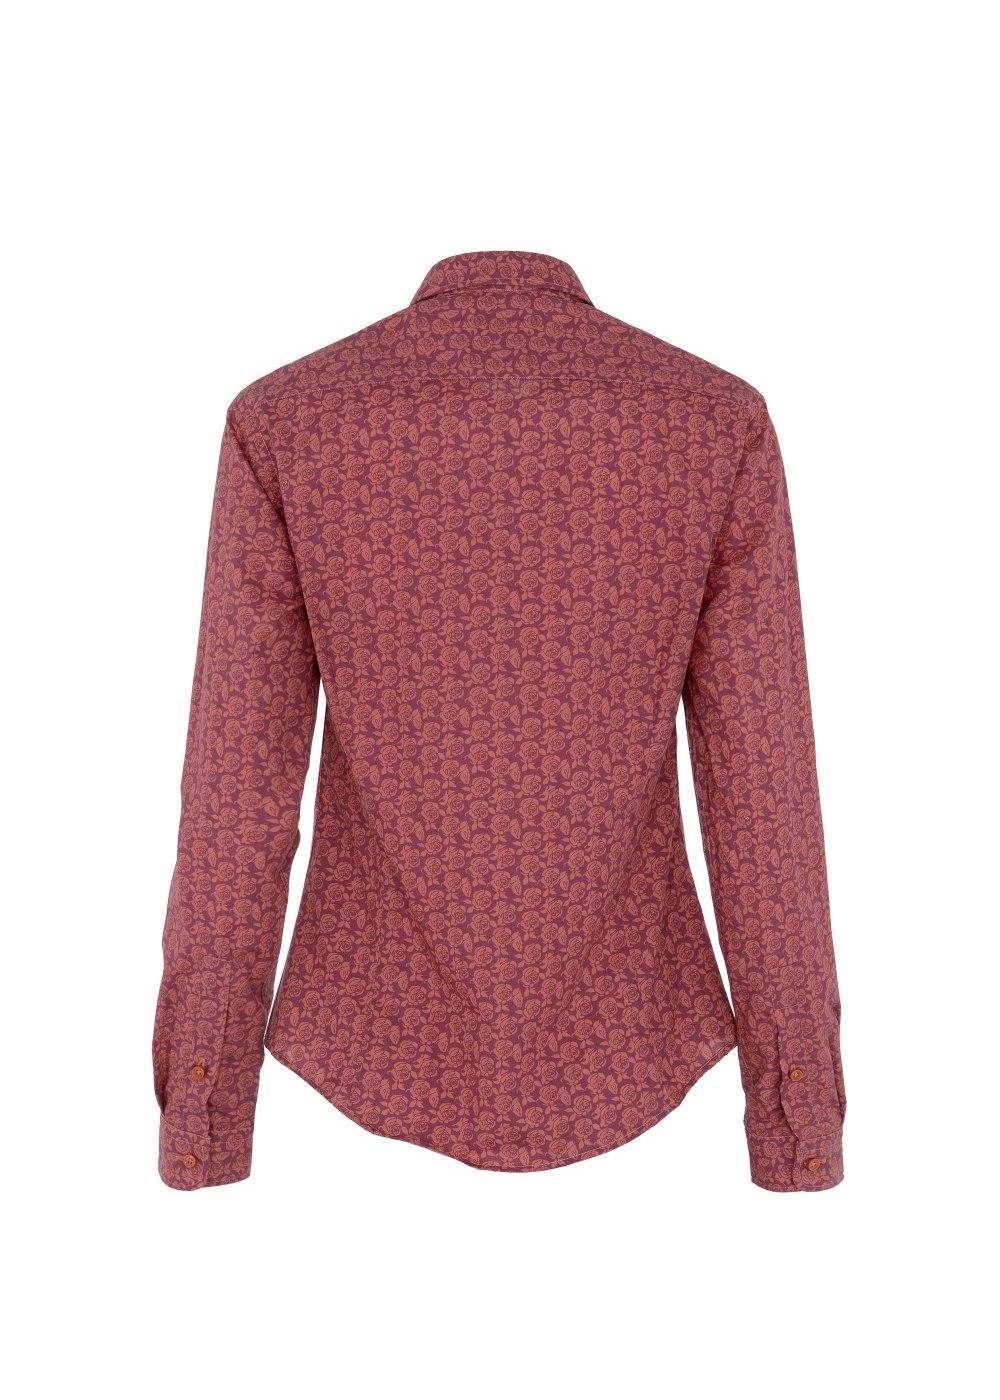 Koszula damska KOSDT-0070-49(W20)